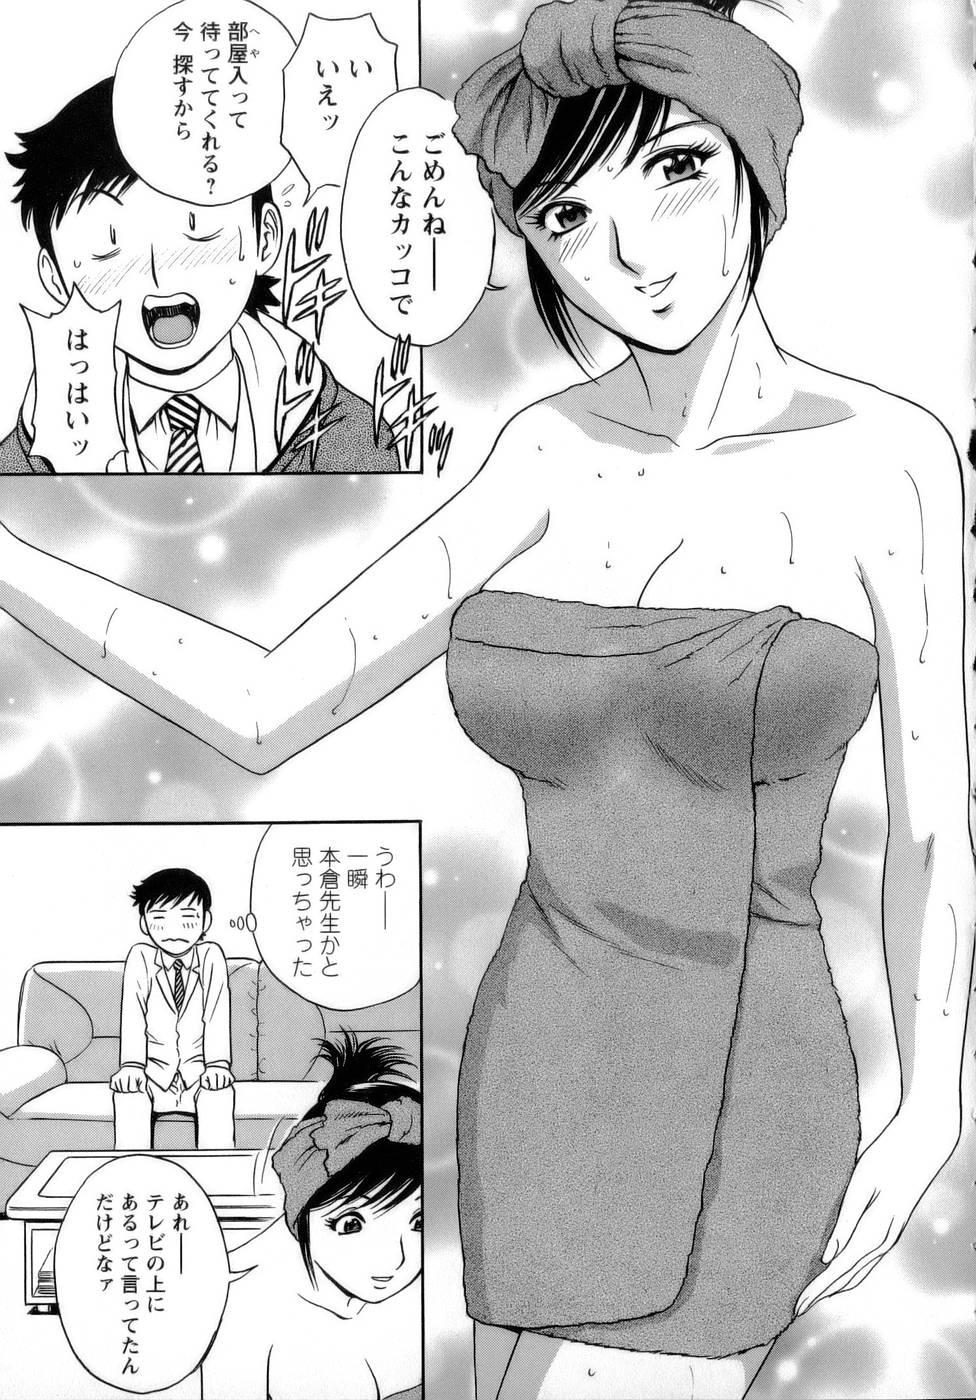 [Hidemaru] Mo-Retsu! Boin Sensei (Boing Boing Teacher) Vol.1 80